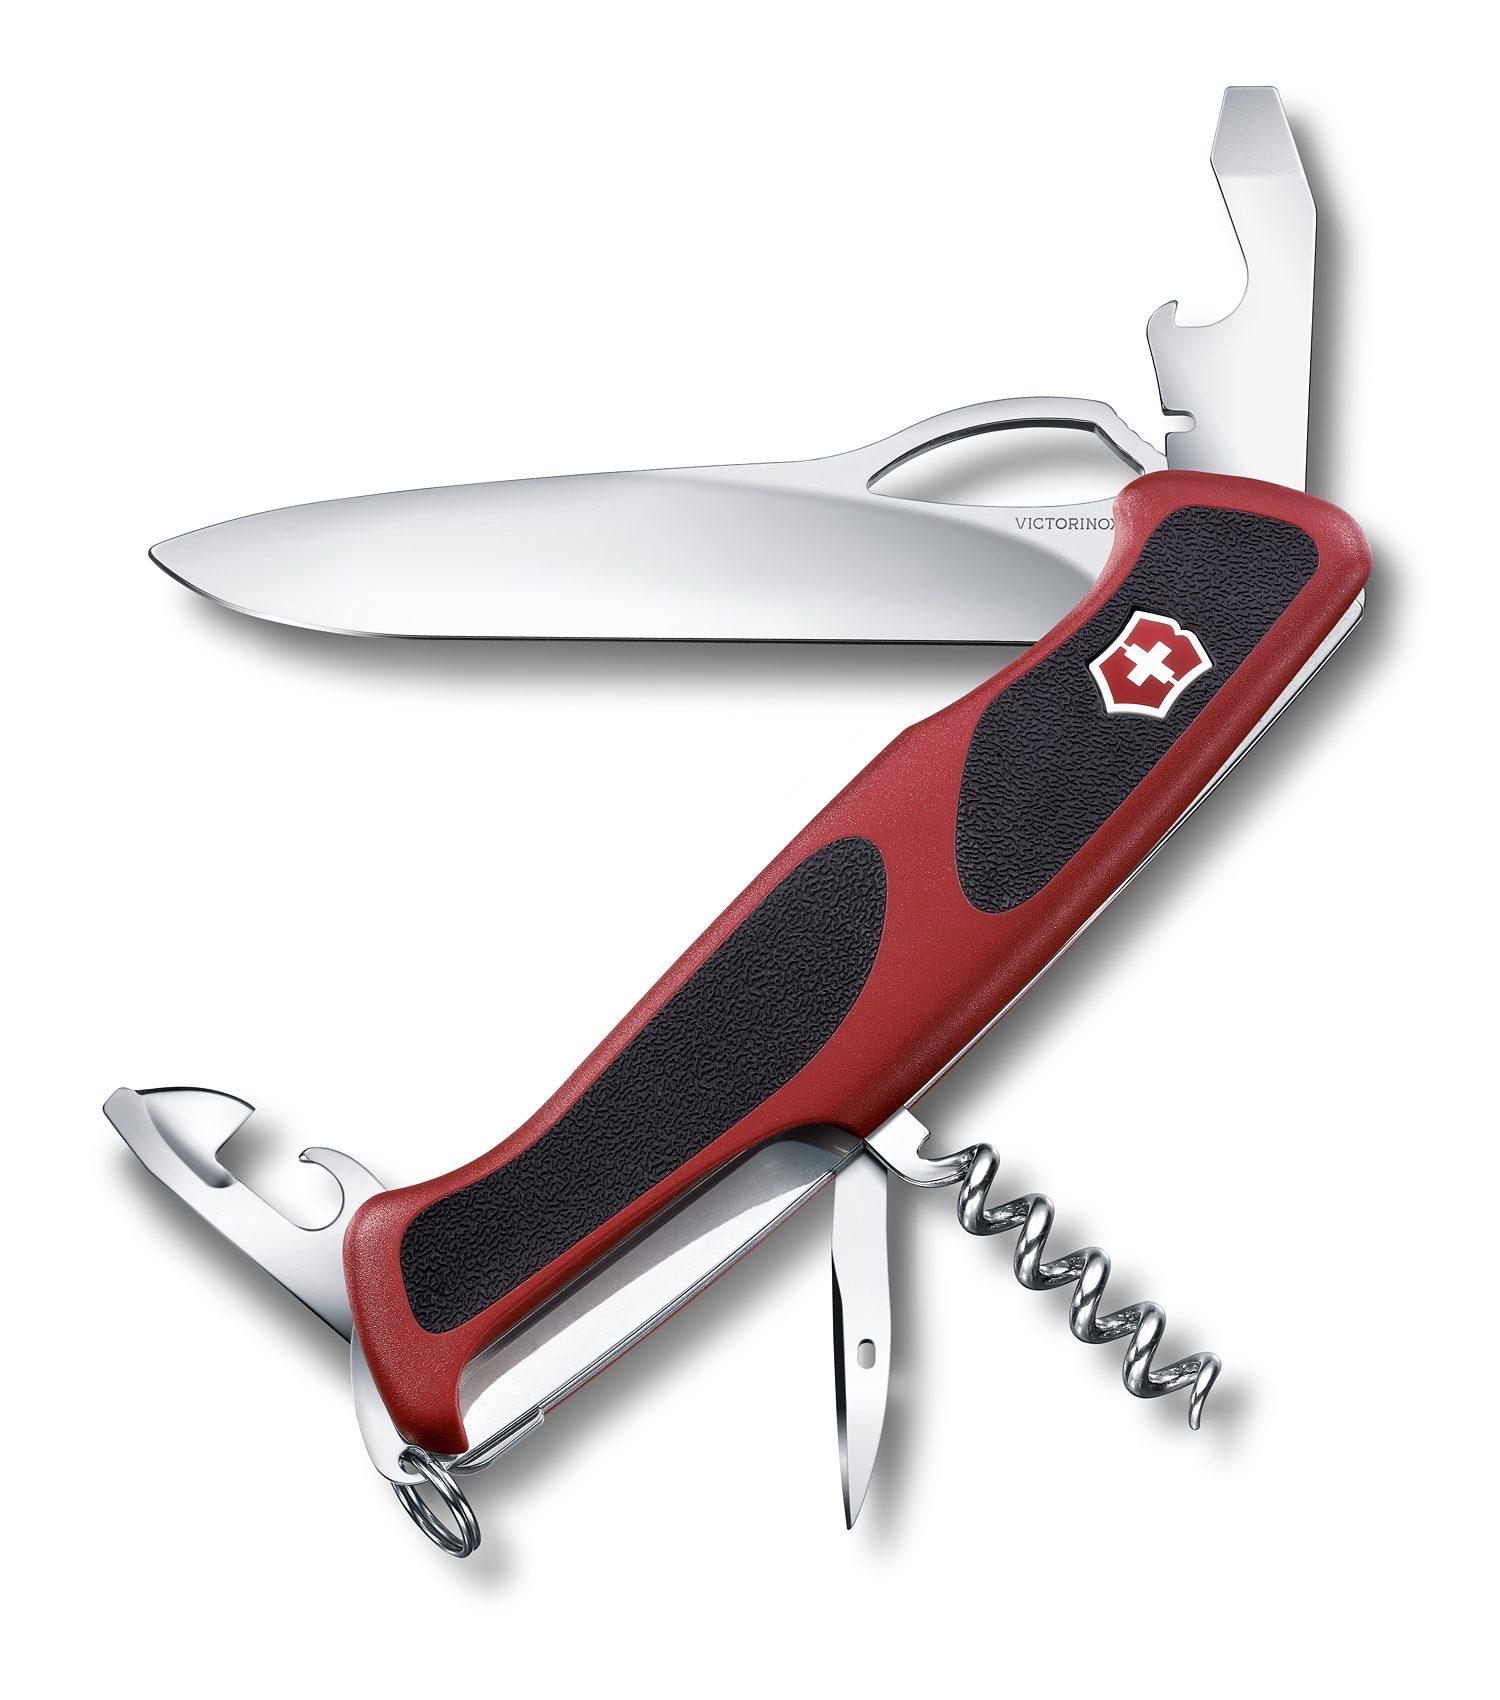 Victorinox Taschenmesser »Ranger Grip 61«